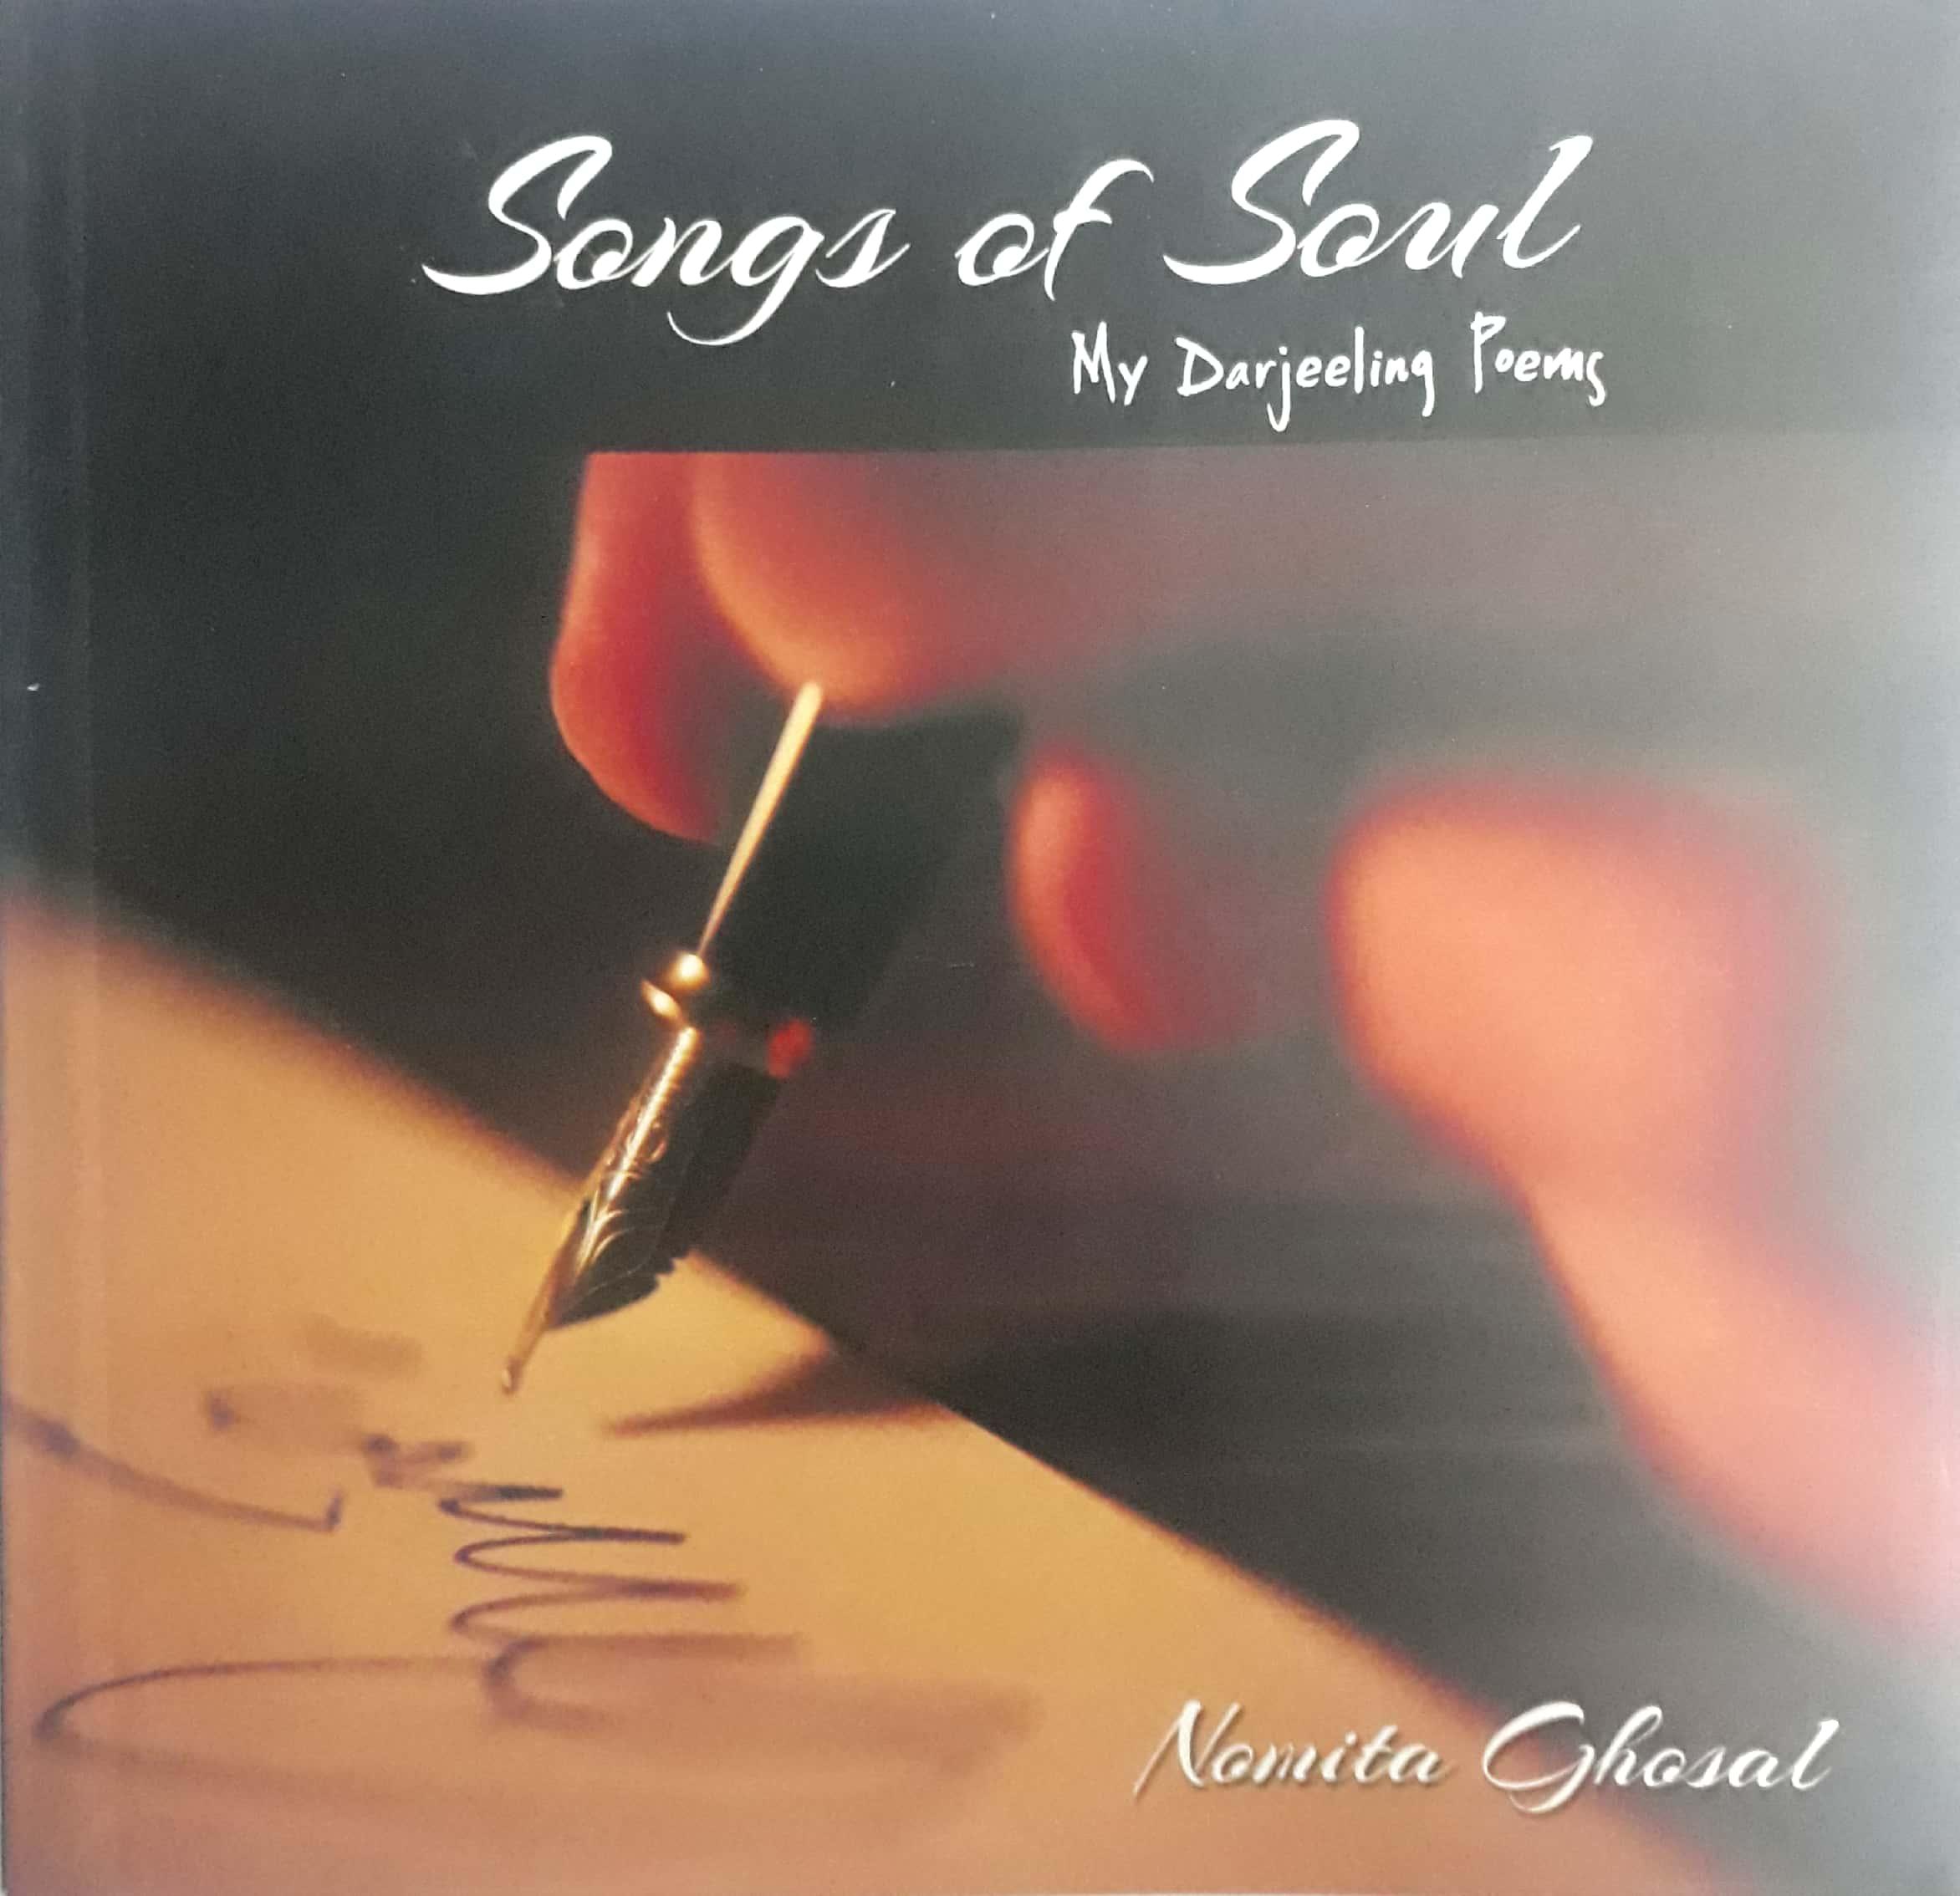 Songs of Soul